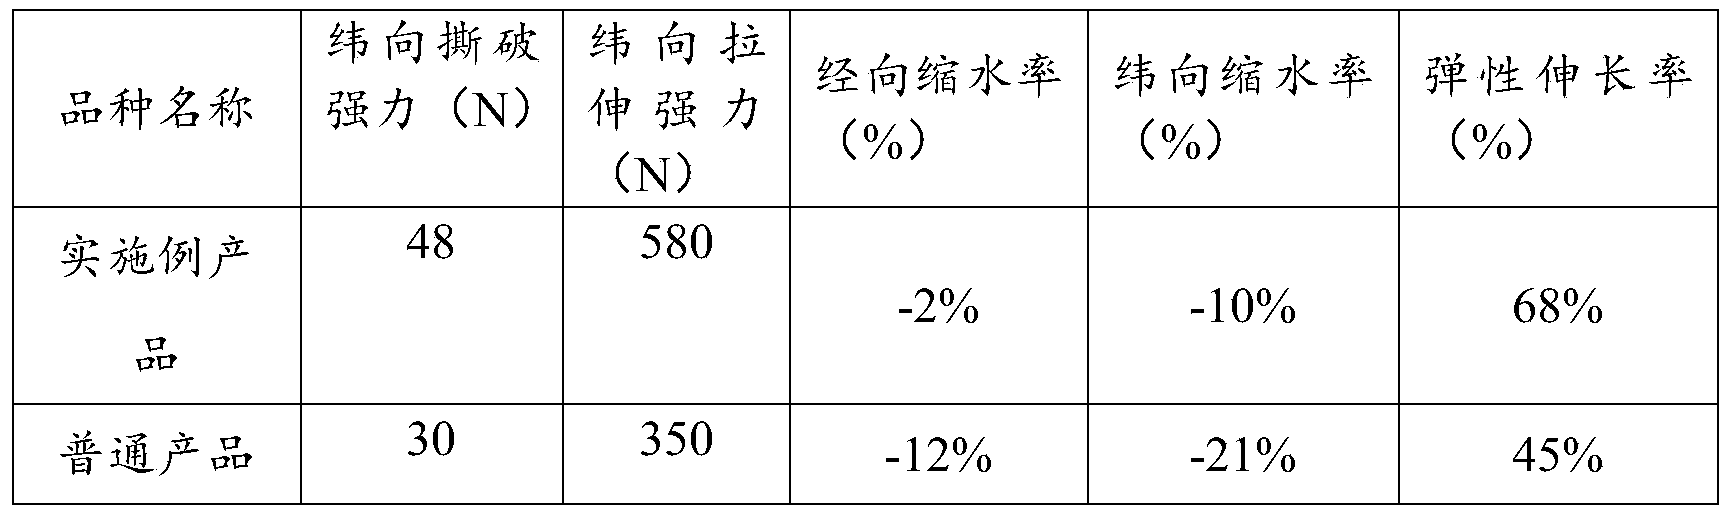 Figure PCTCN2019078519-appb-000005